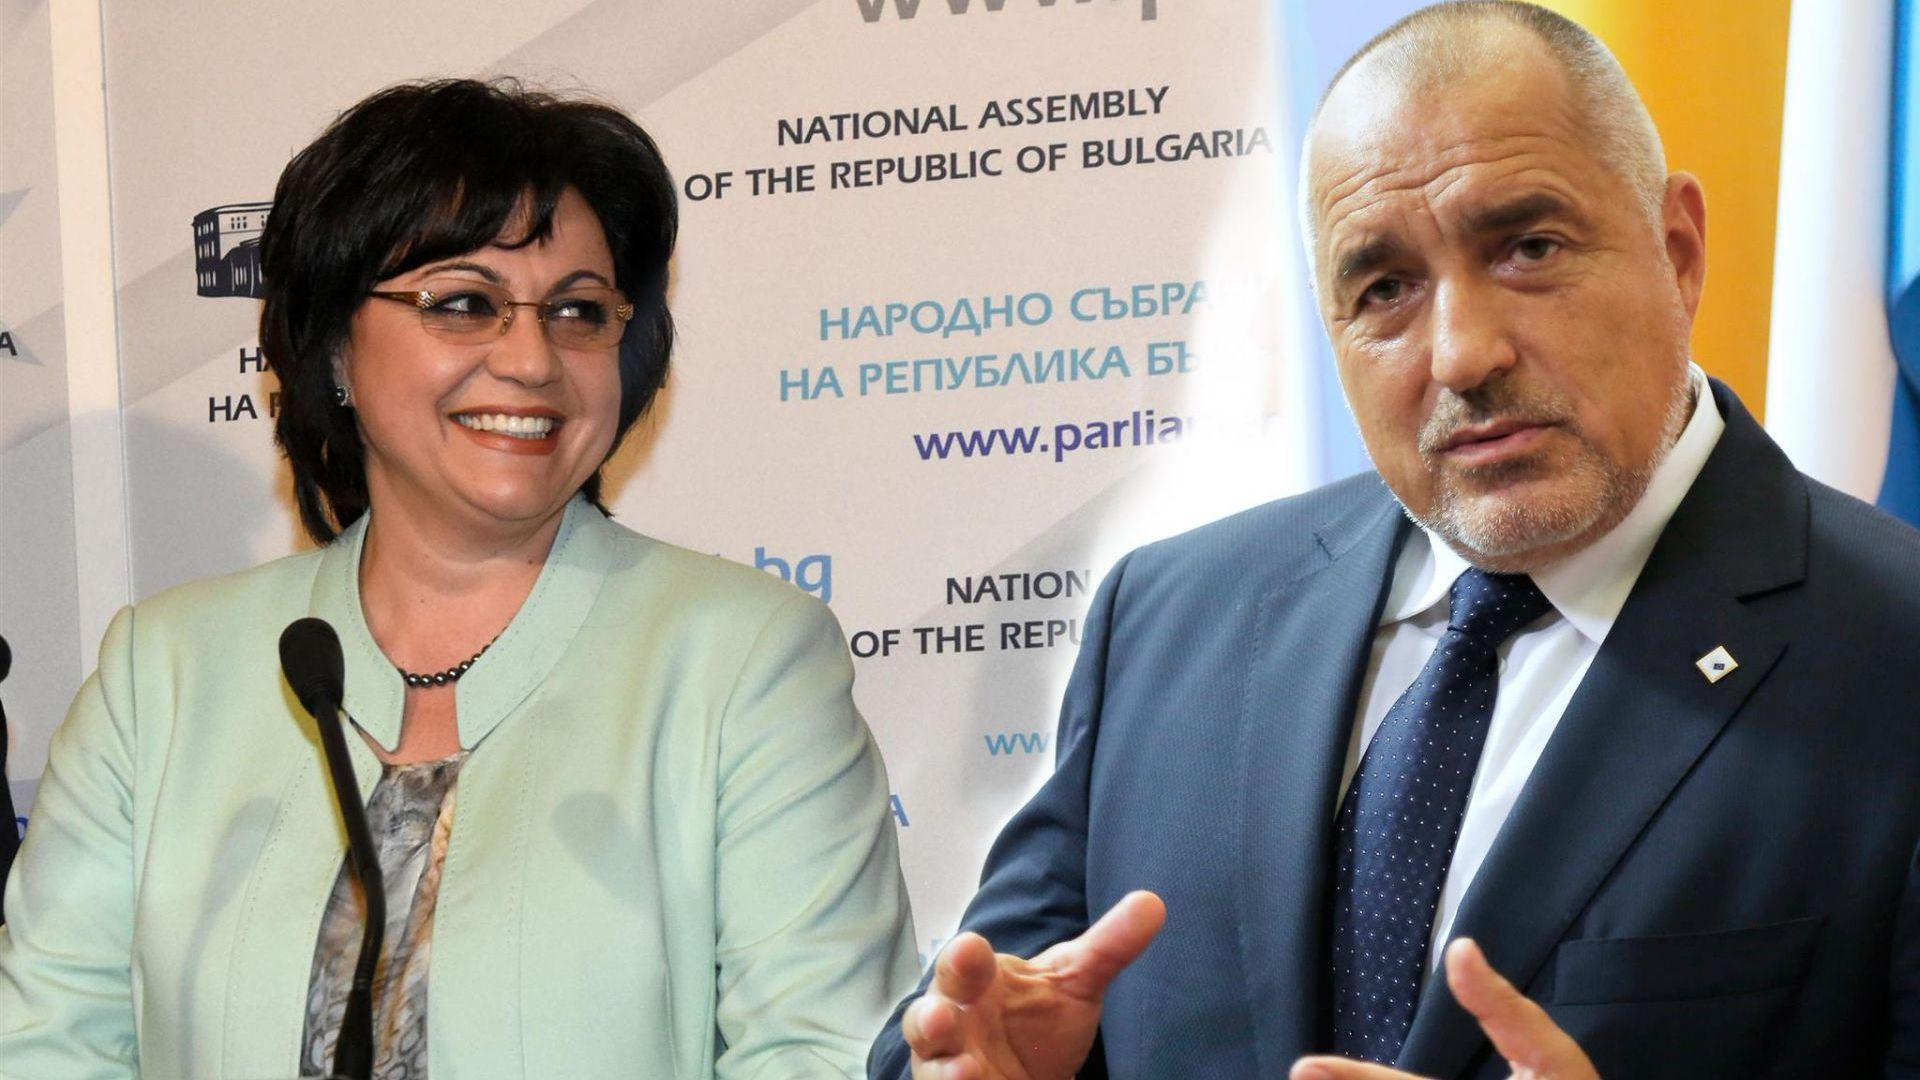 Нинова и Борисов се обвиняват в лъжи за Унгария